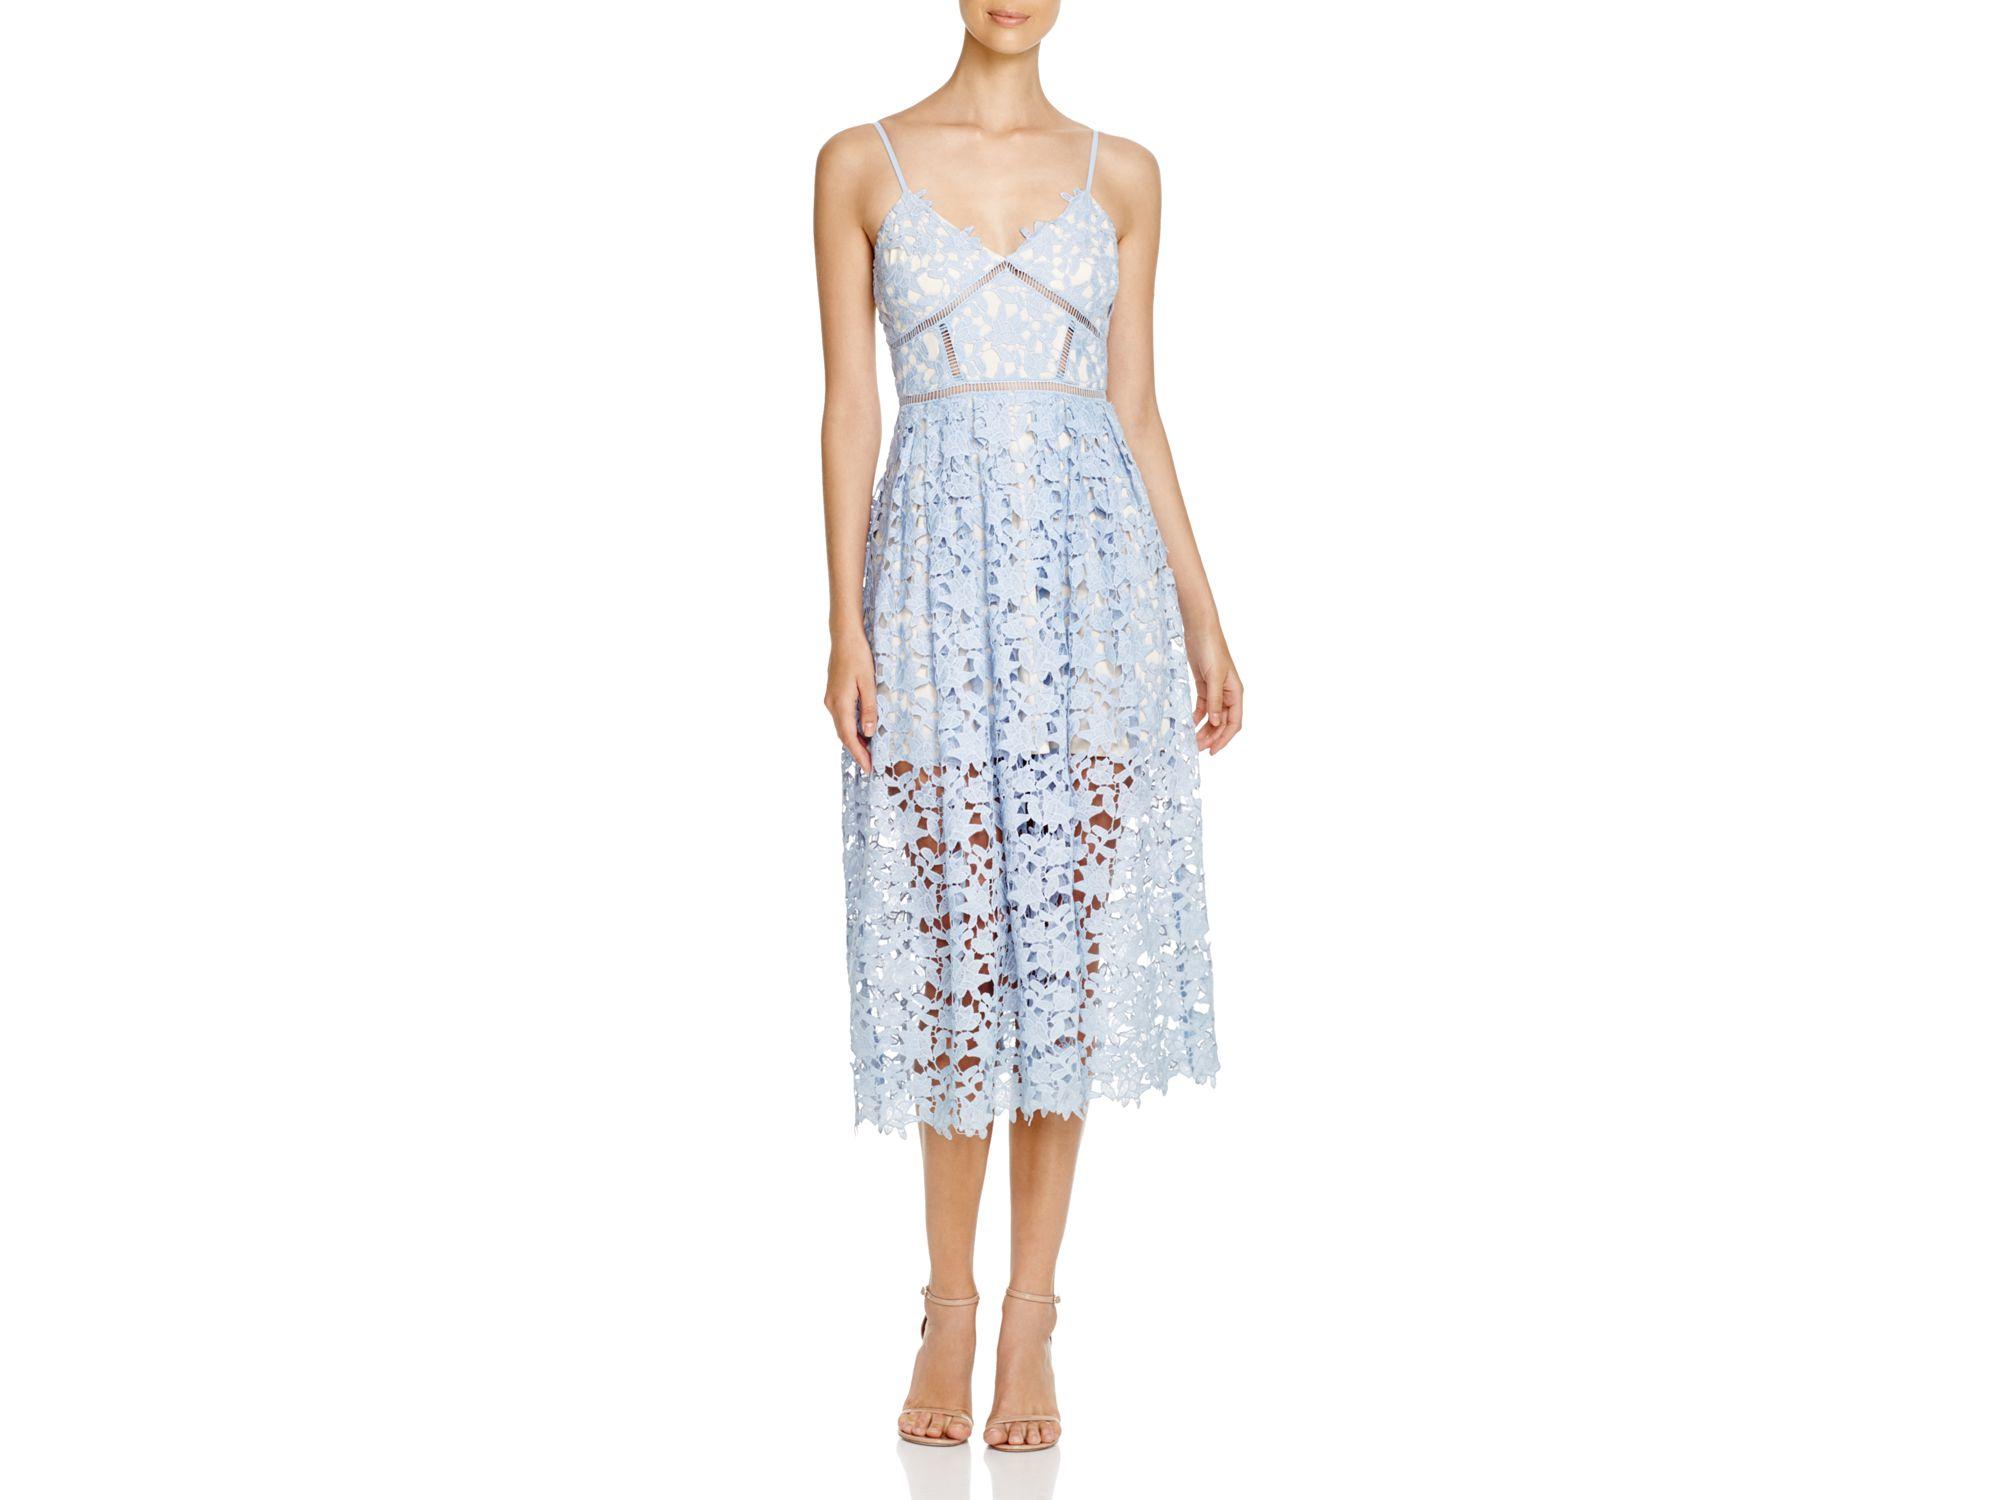 Blue aqua lace dress 2019